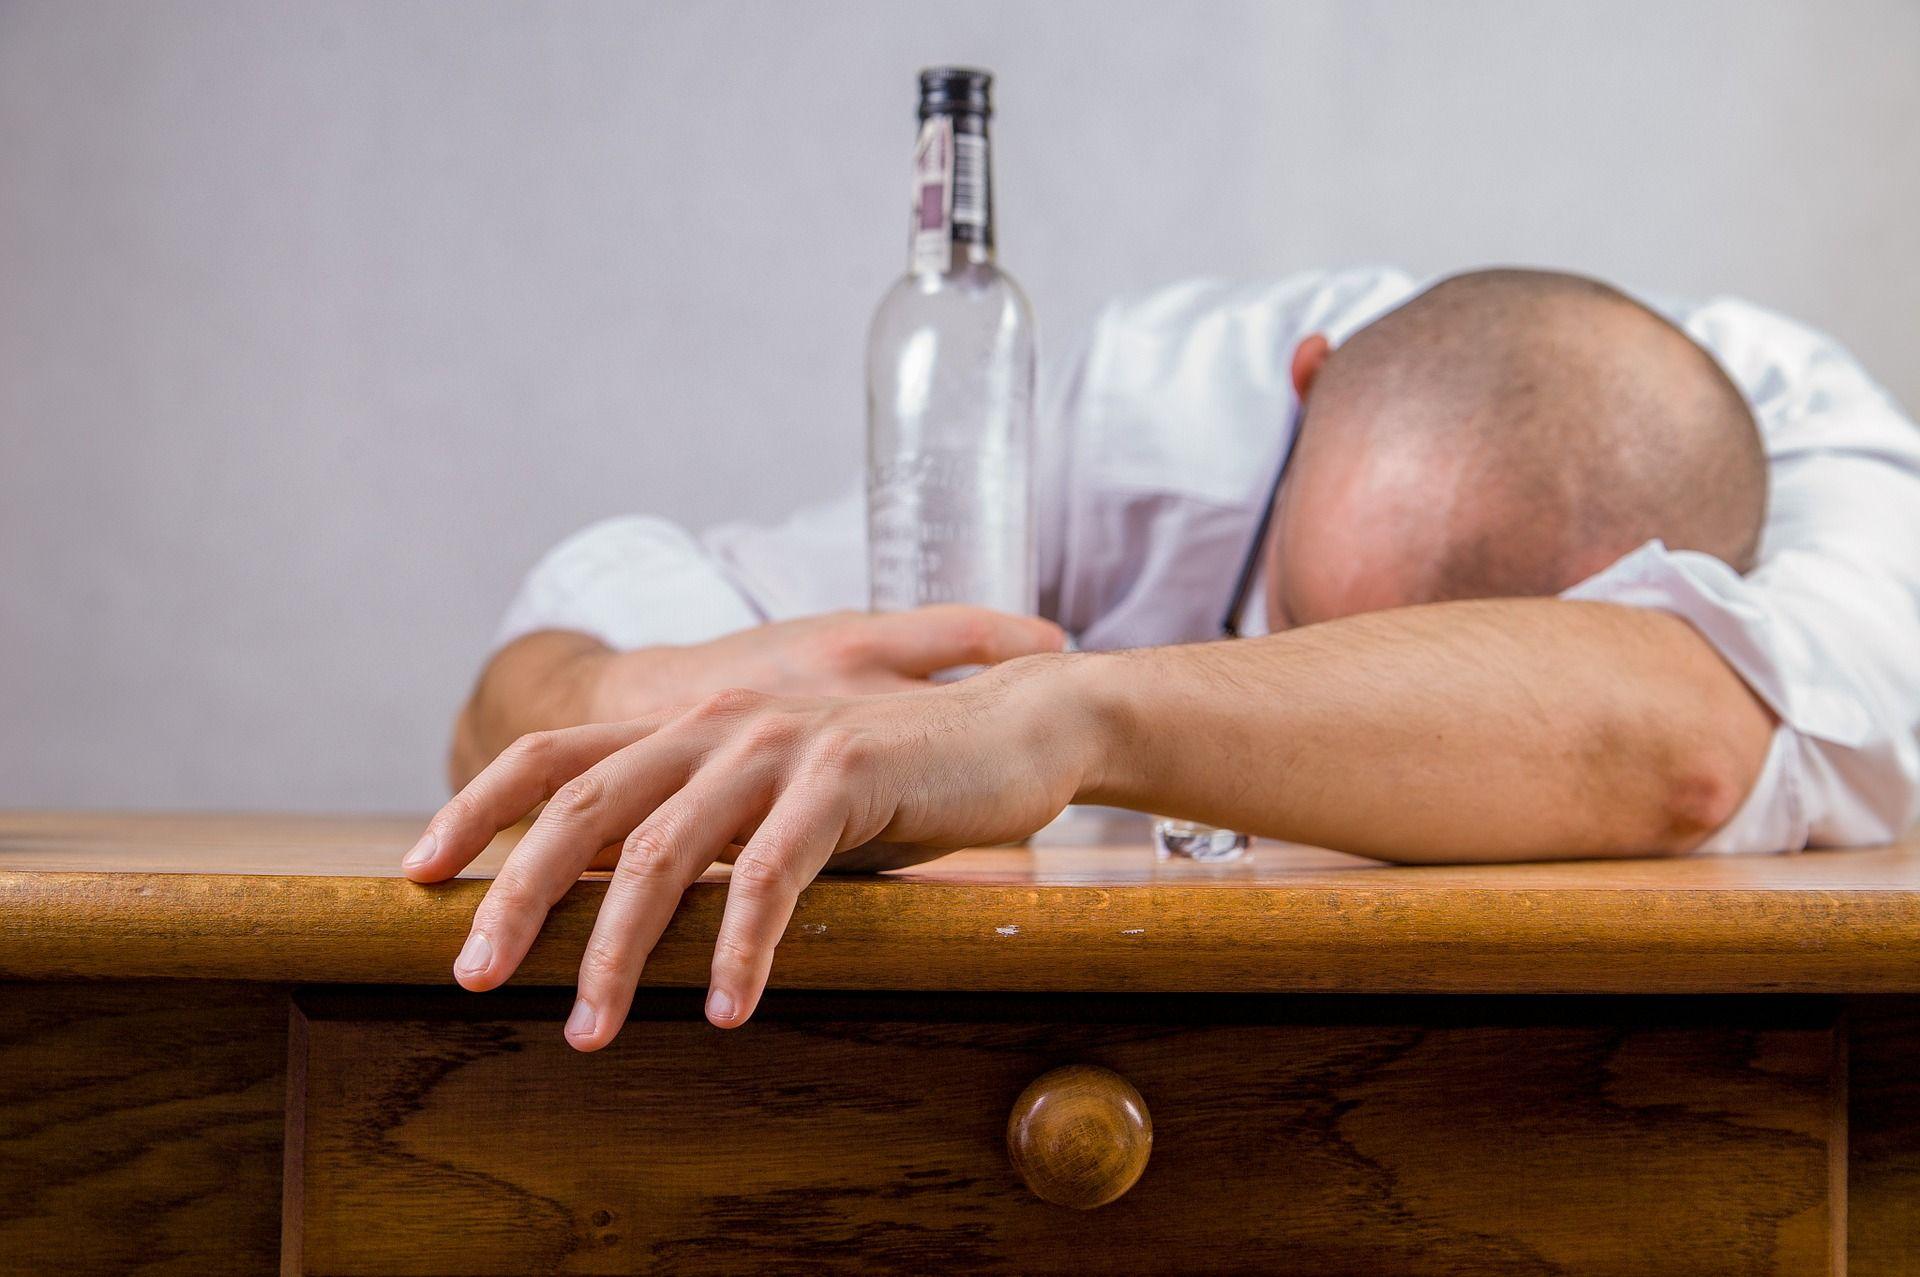 Einer der Klassiker: Ich werde weniger trinken